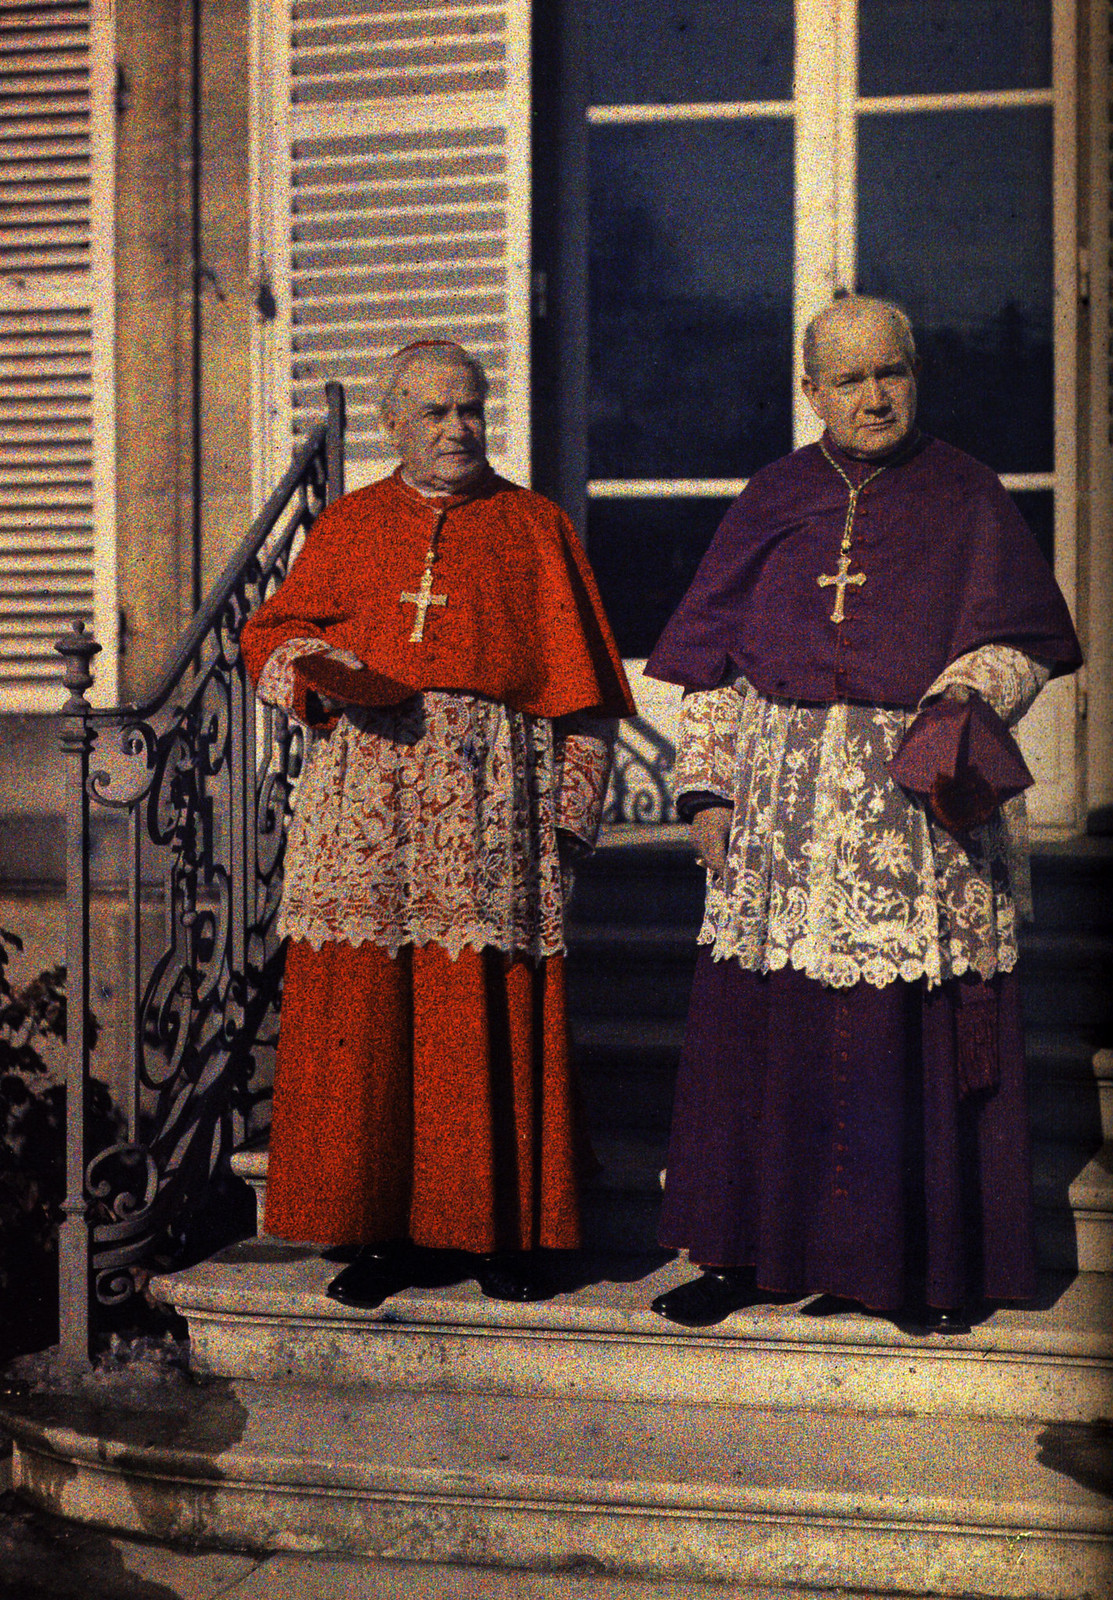 1917. Монсеньоры Люсон и Неве в Реймсе, 6 апреля